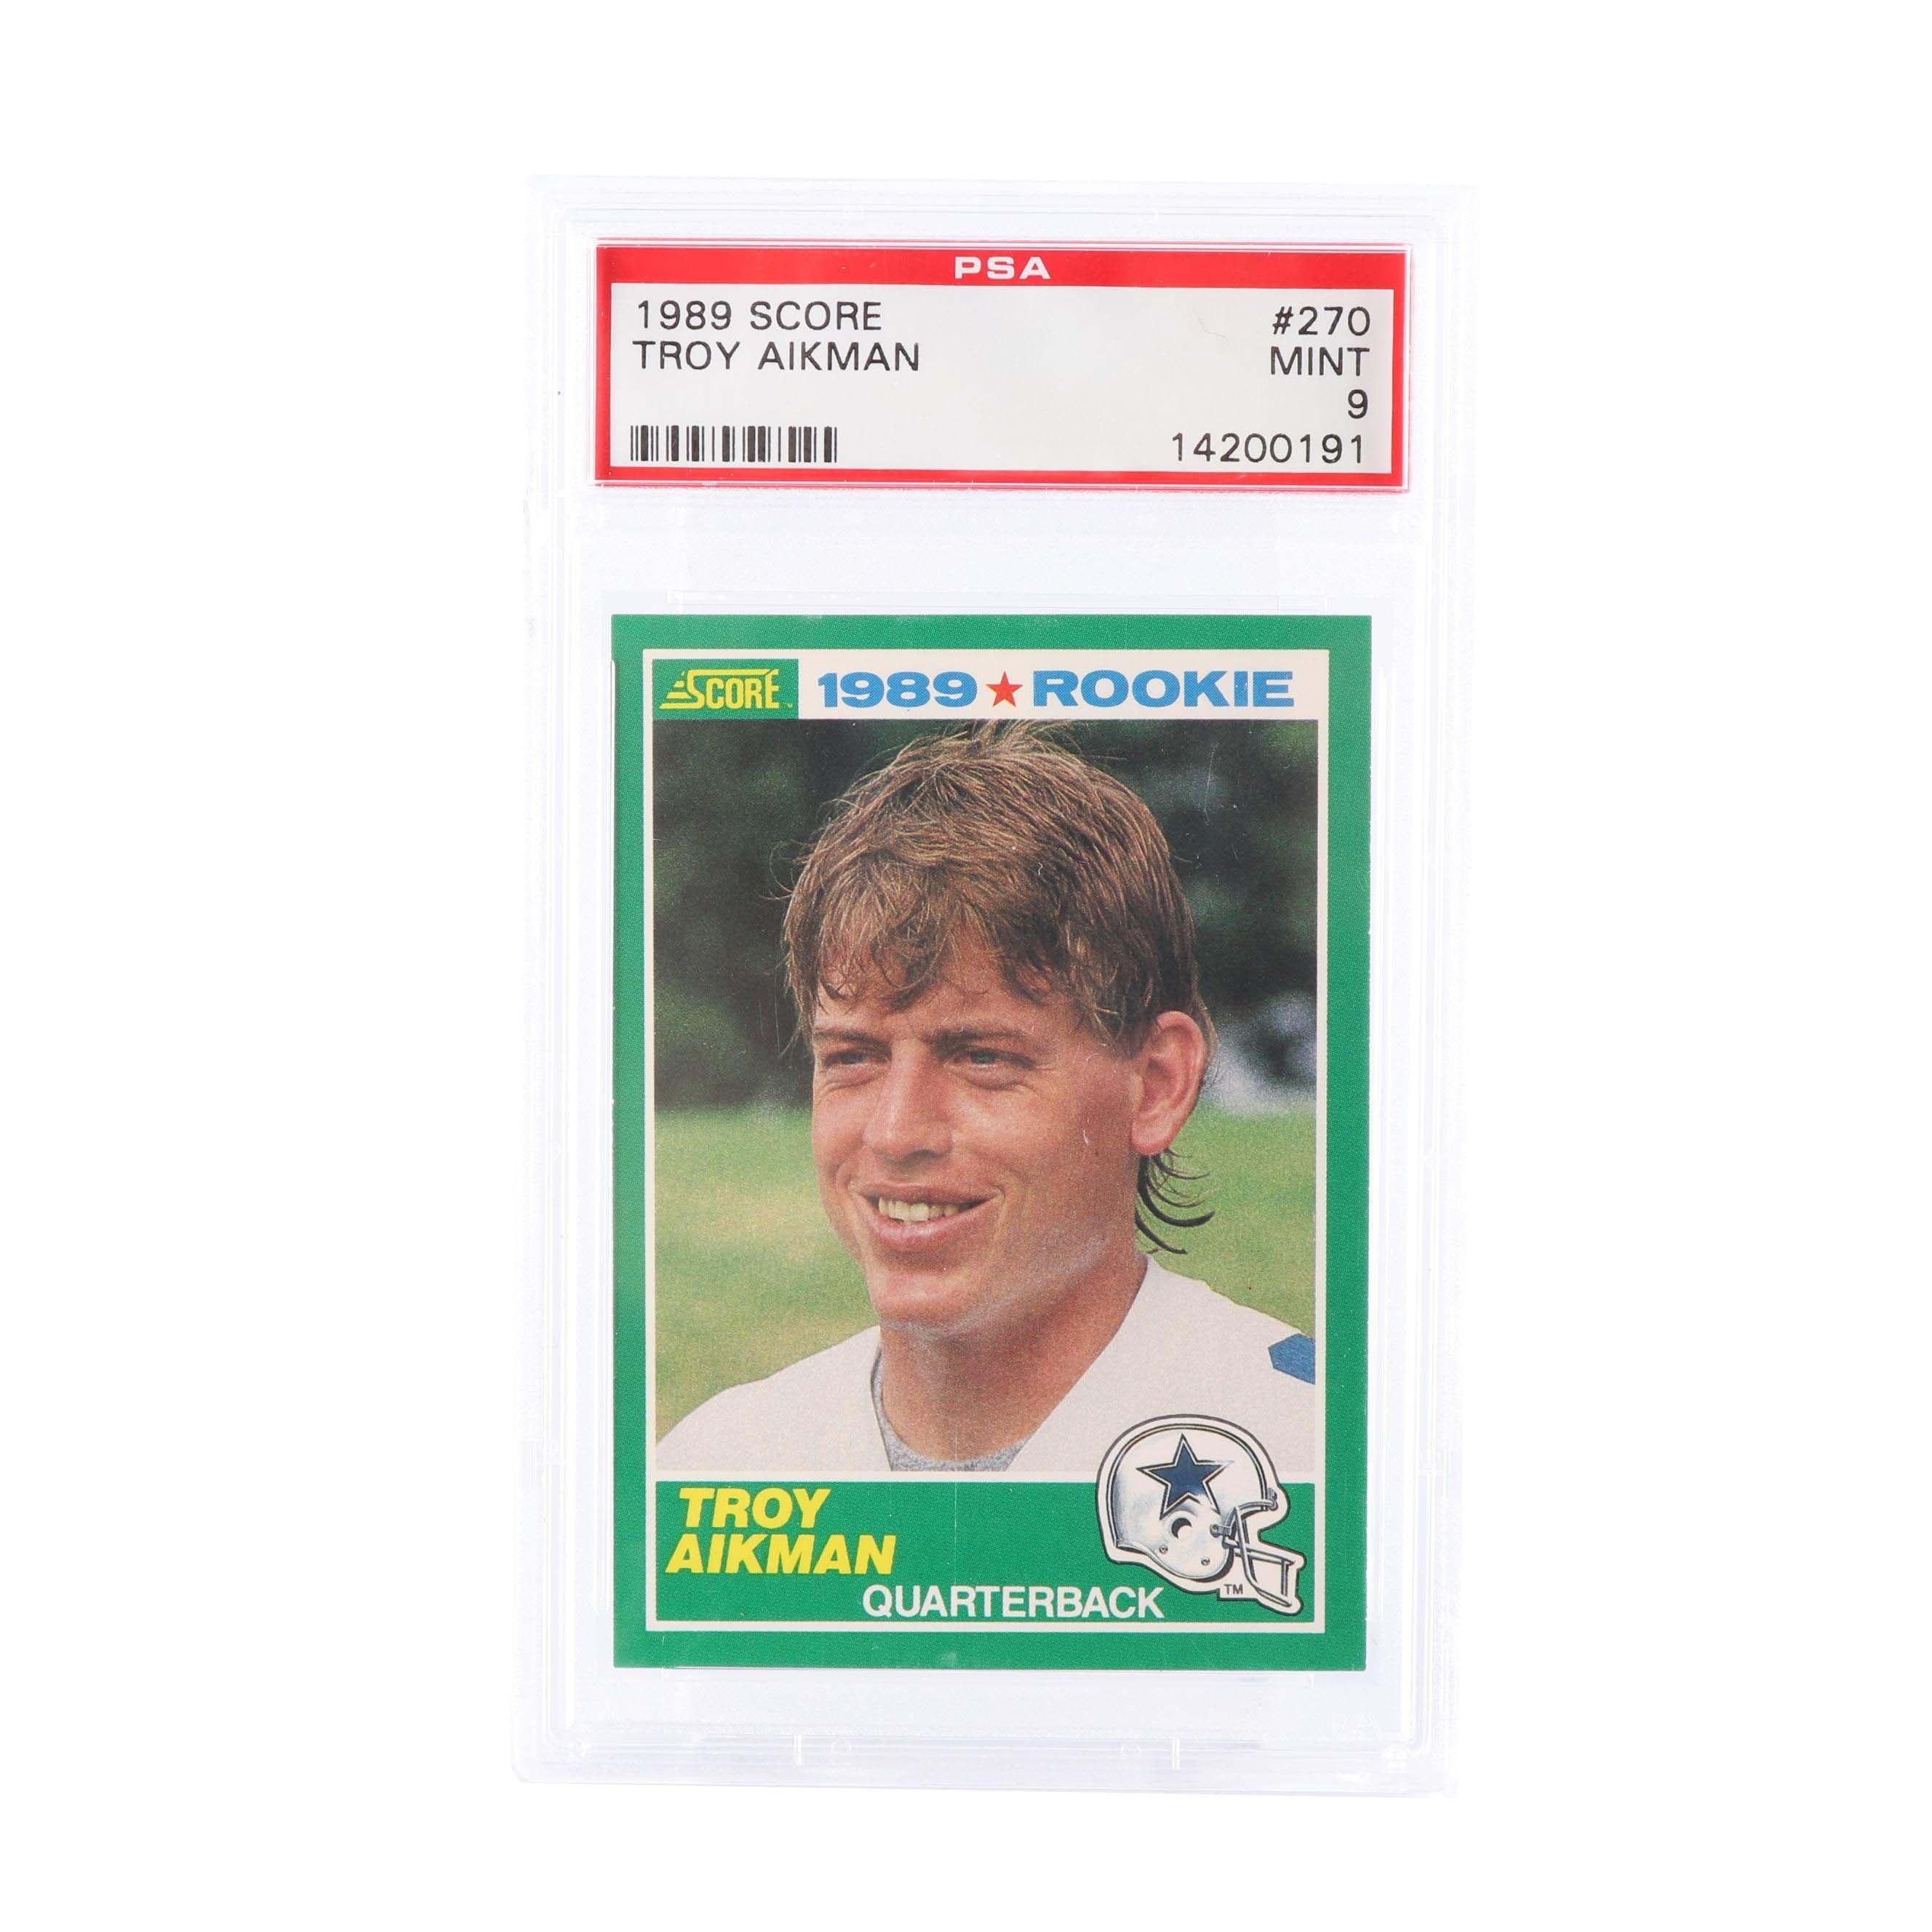 Troy Aikman 1989 Score #270 Rookie Card PSA Graded Mint 9